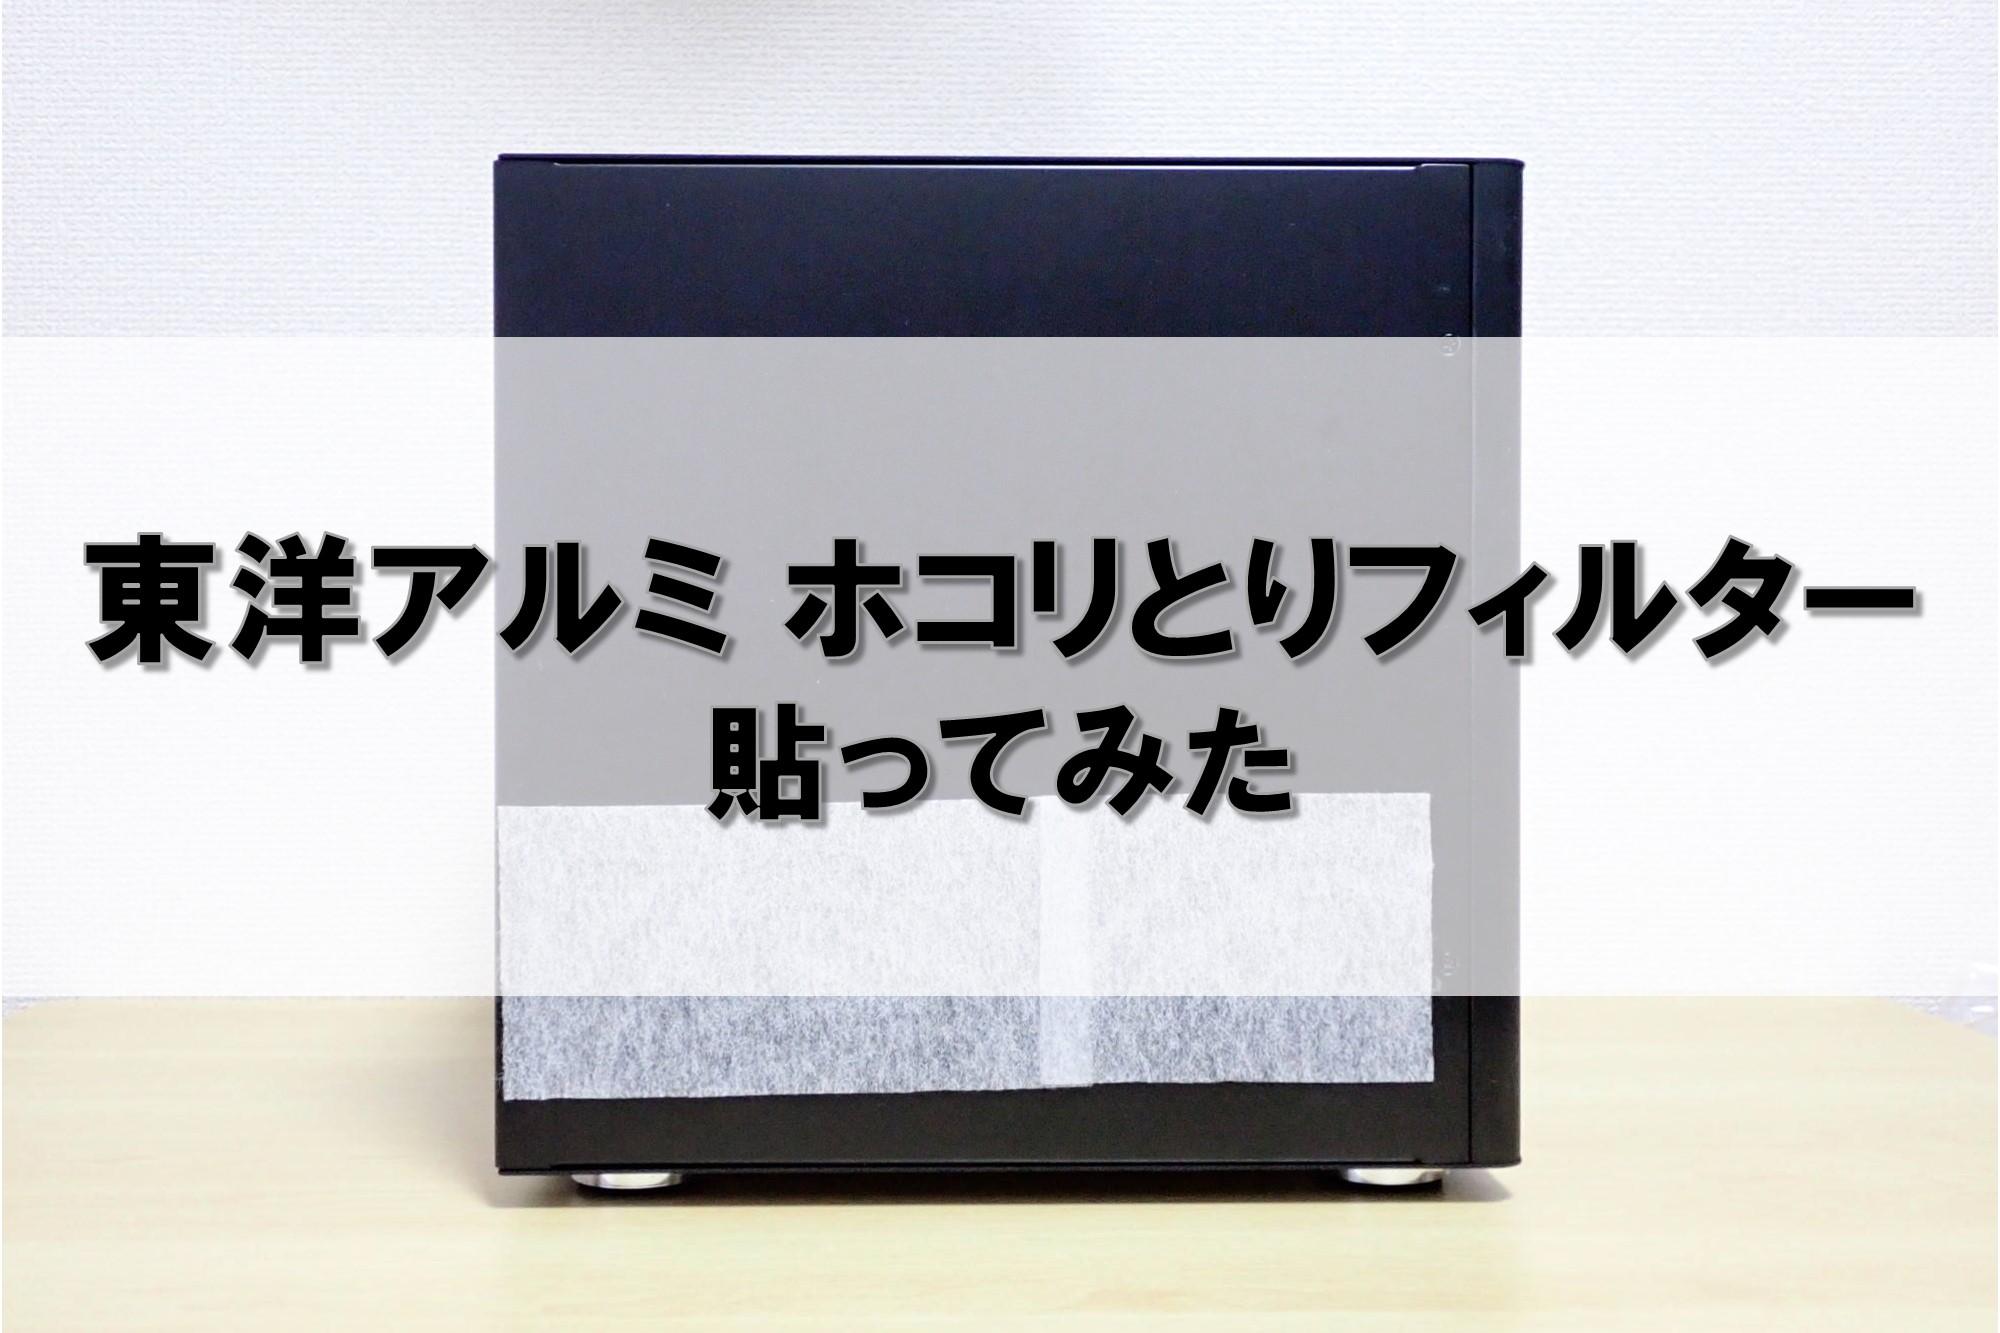 東洋アルミ ホコリとりフィルターを自作デスクトップPCに貼り付け